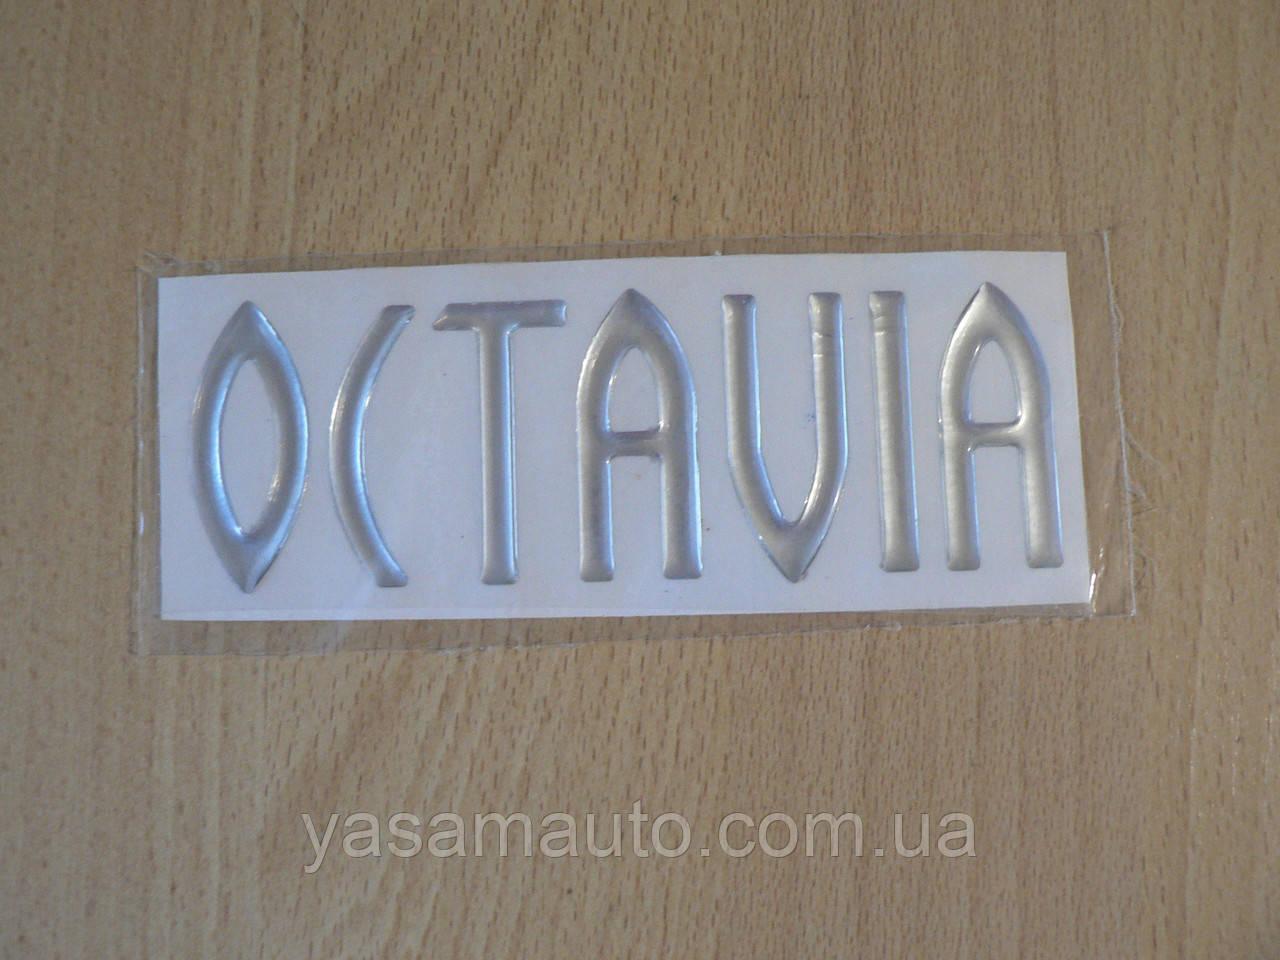 Наклейка s орнамент задний Octavia 132х43х1,1мм серебристая силиконовая №1 Октавия эмблема на авто Skoda Шкода